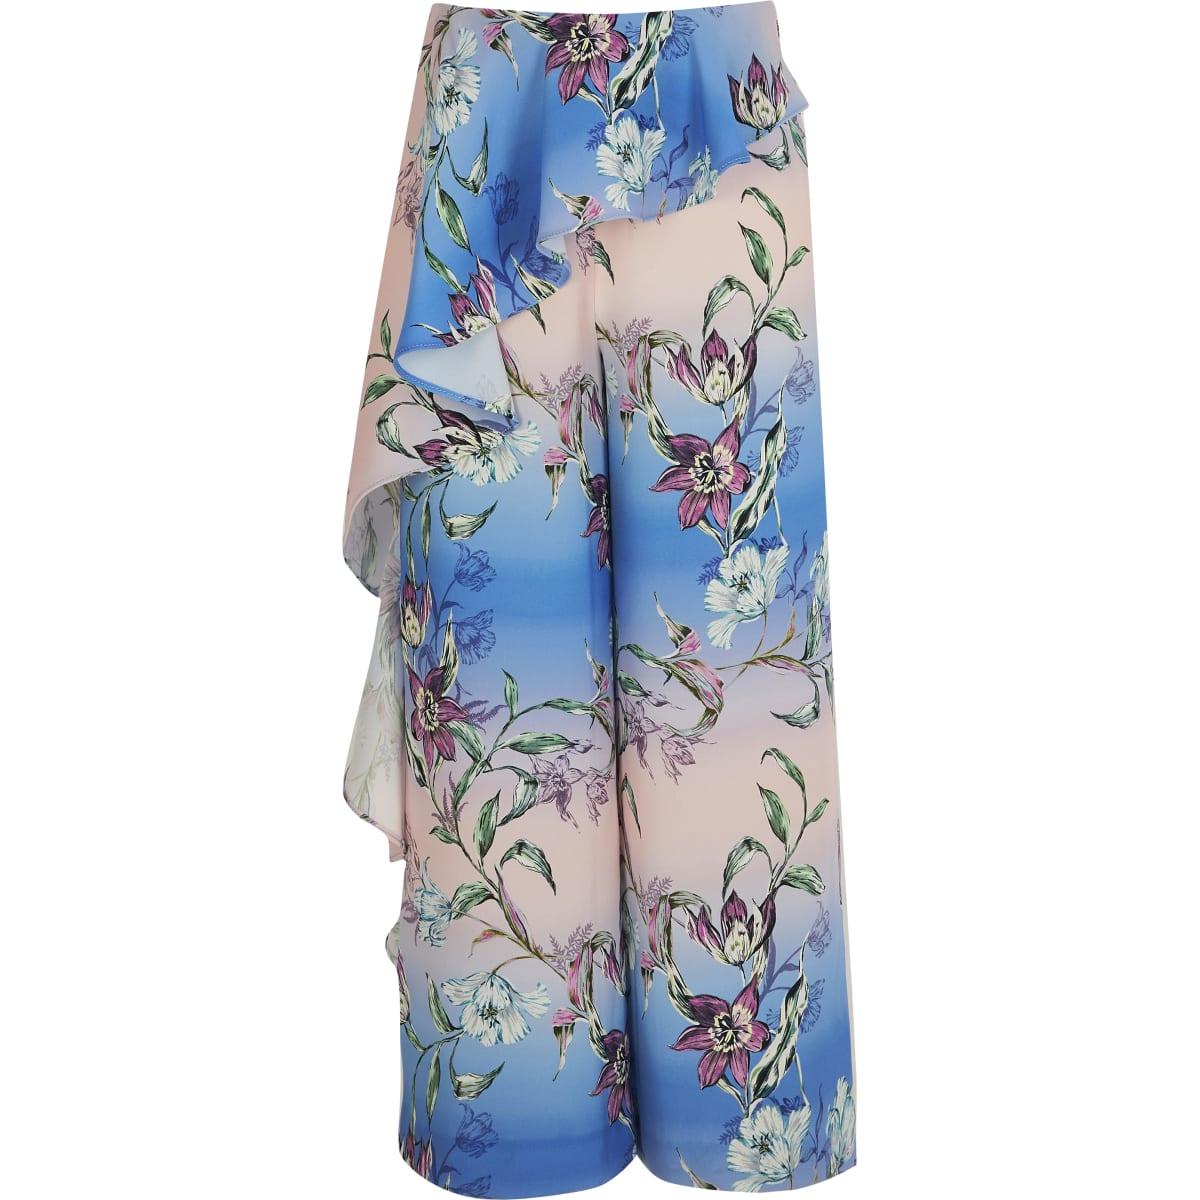 Blauwe broek met bloemenprint en wijde pijpen voor meisjes